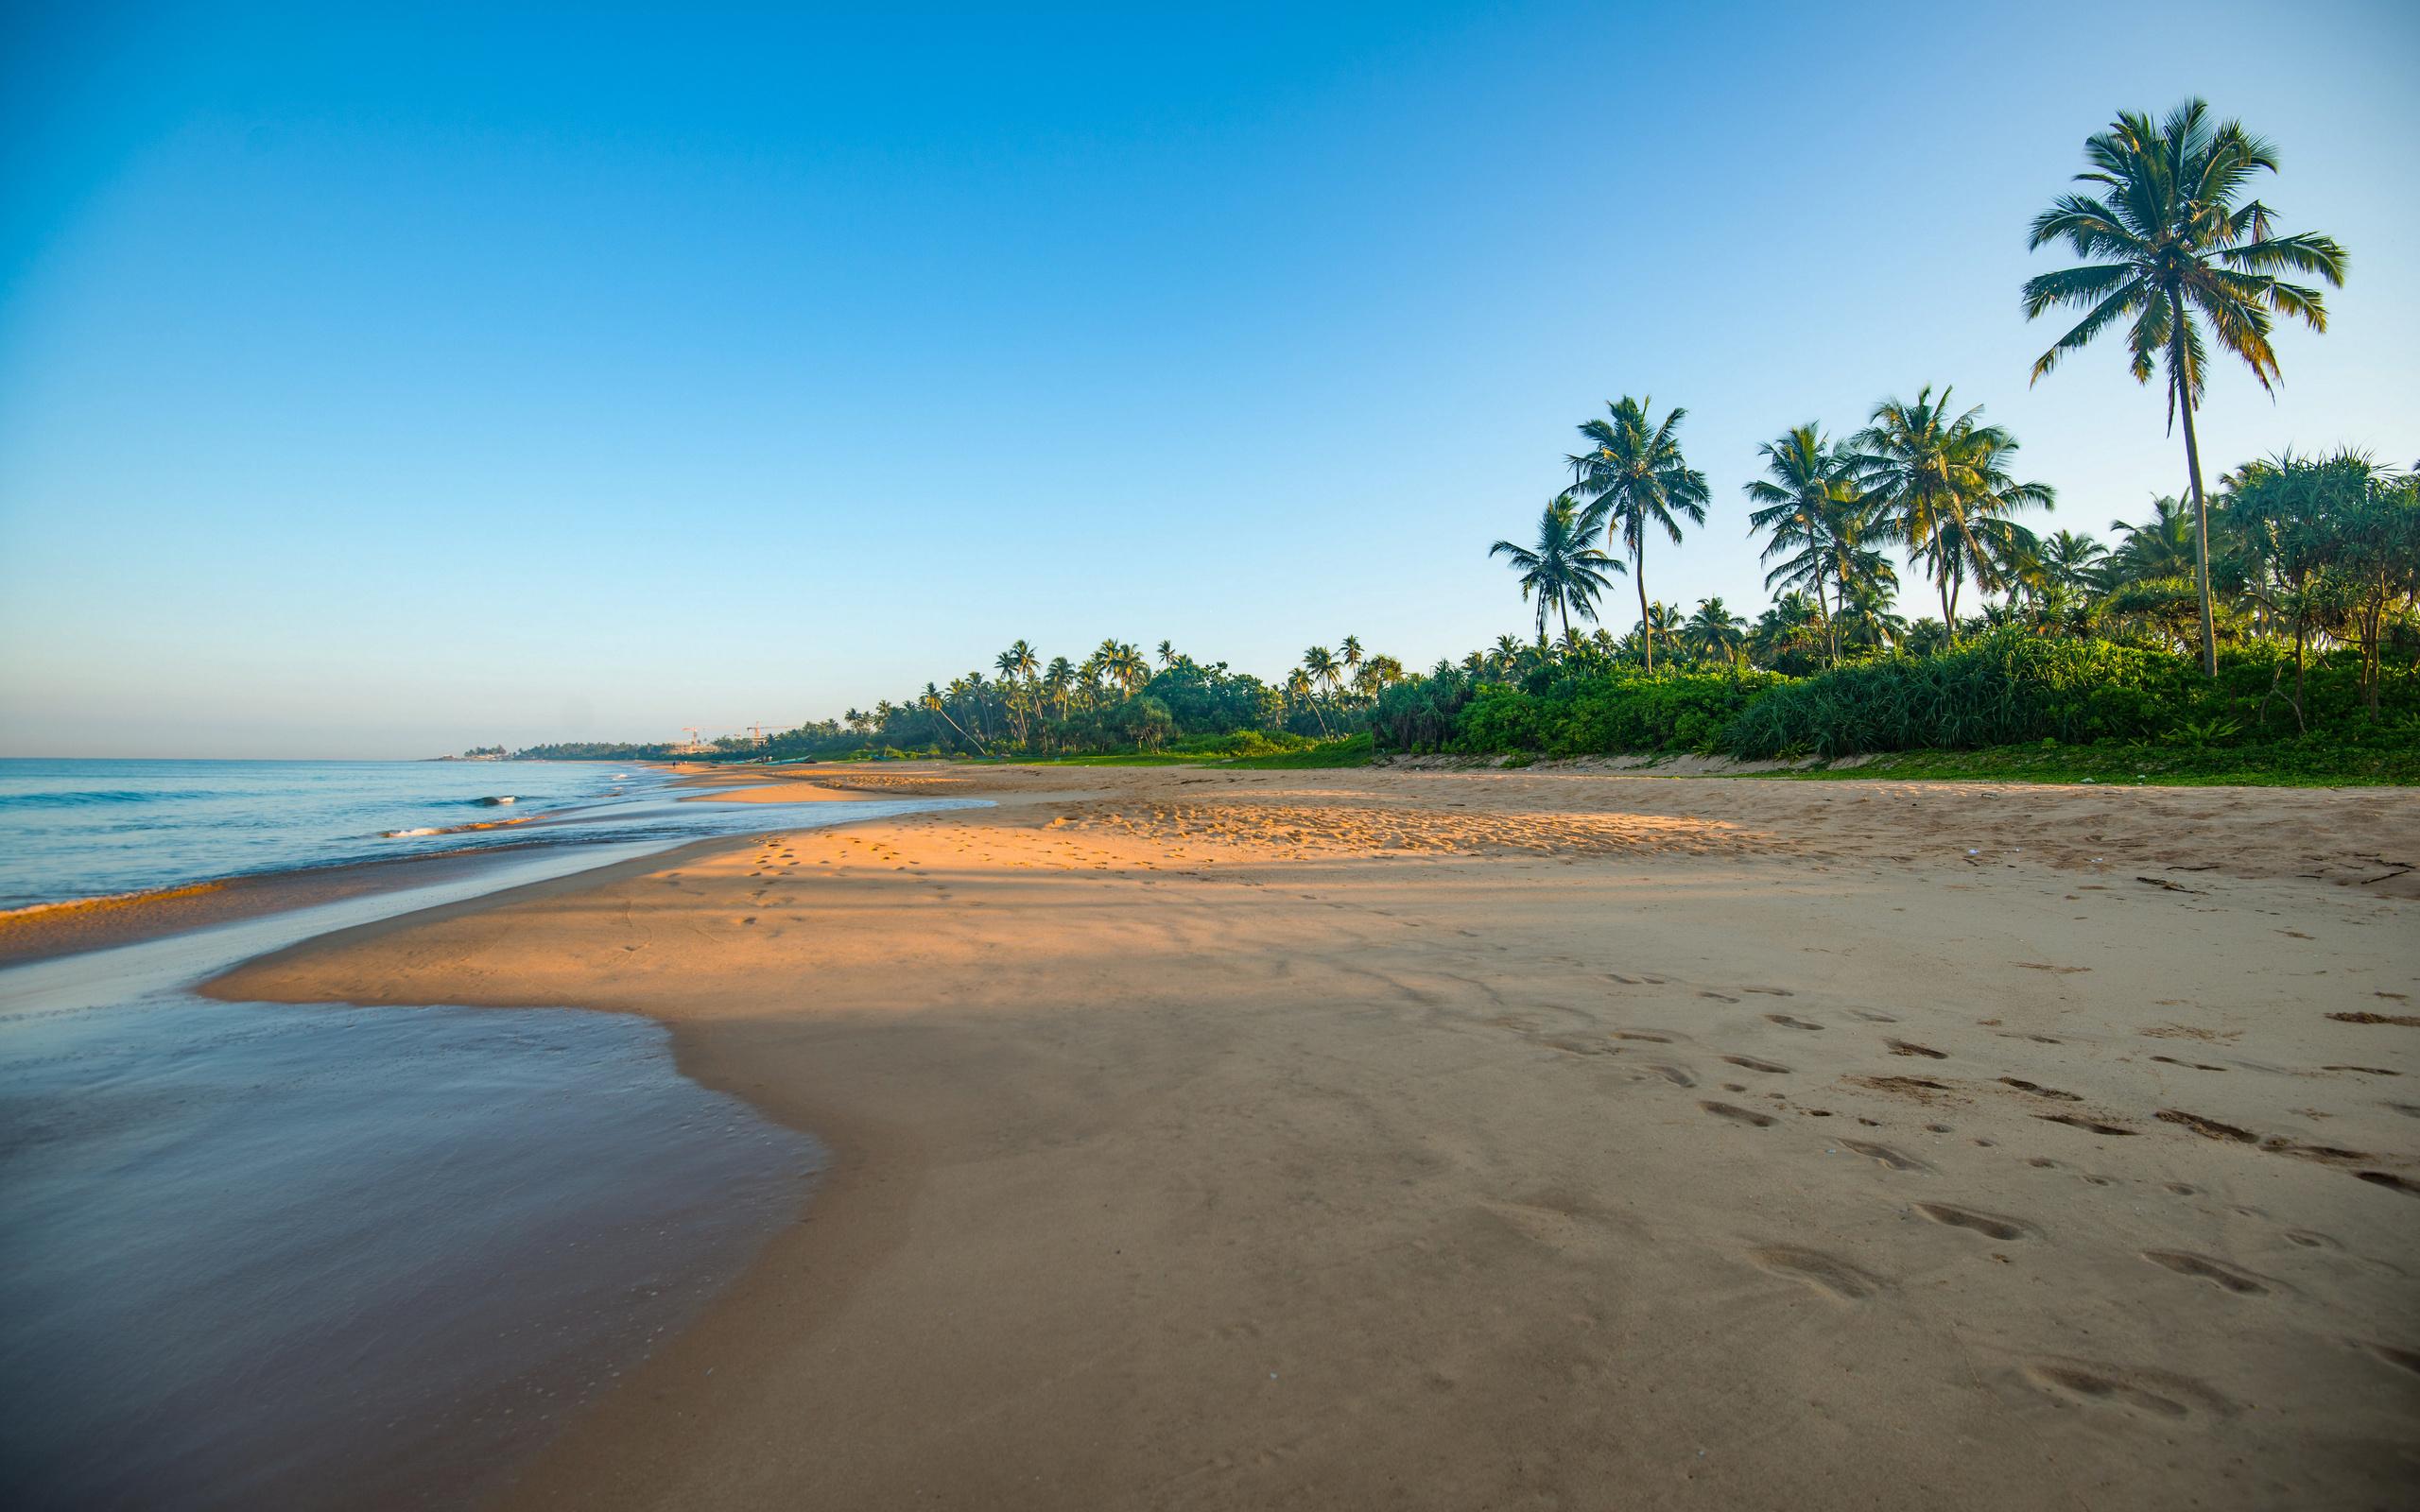 шри-ланка, побережье, море, bentota, beach, пальмы, пляж, природа